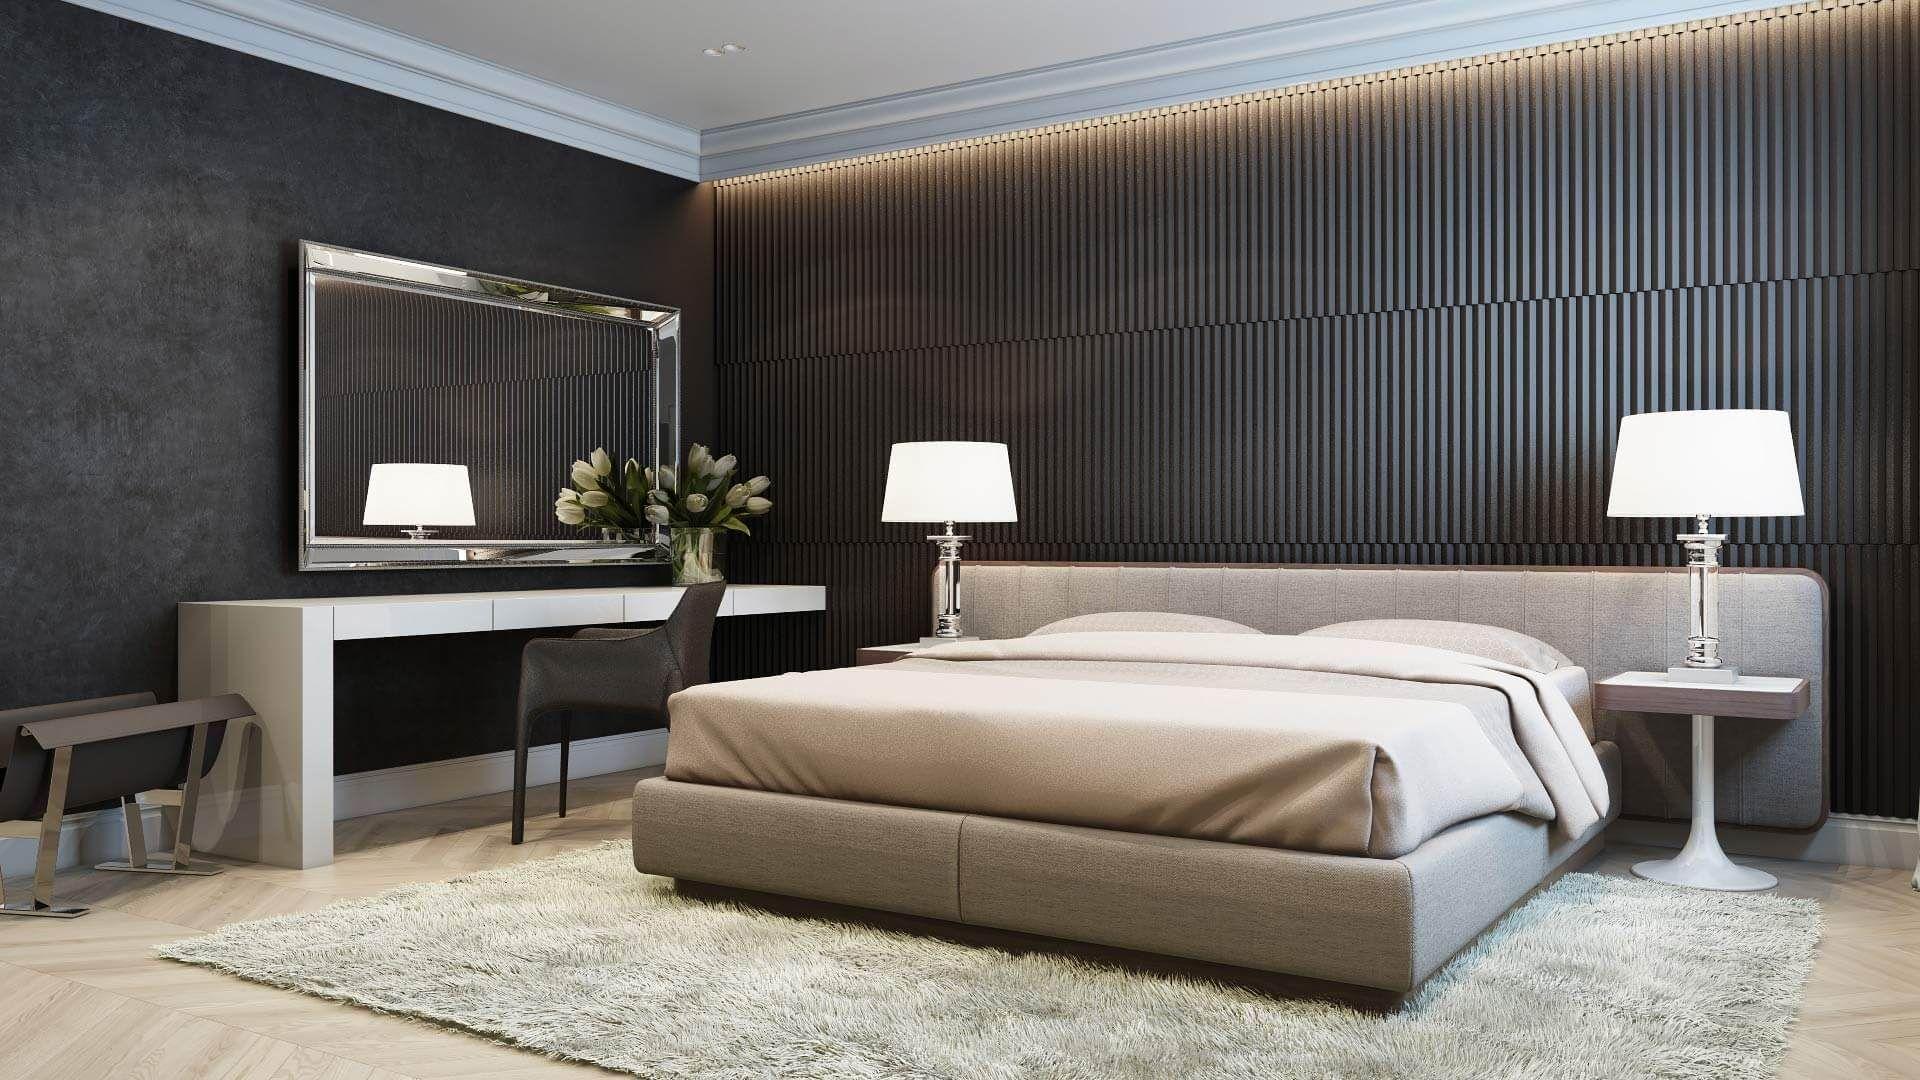 Bedroom interior hd pics classic apartment in moscow  diseño para interior de casa